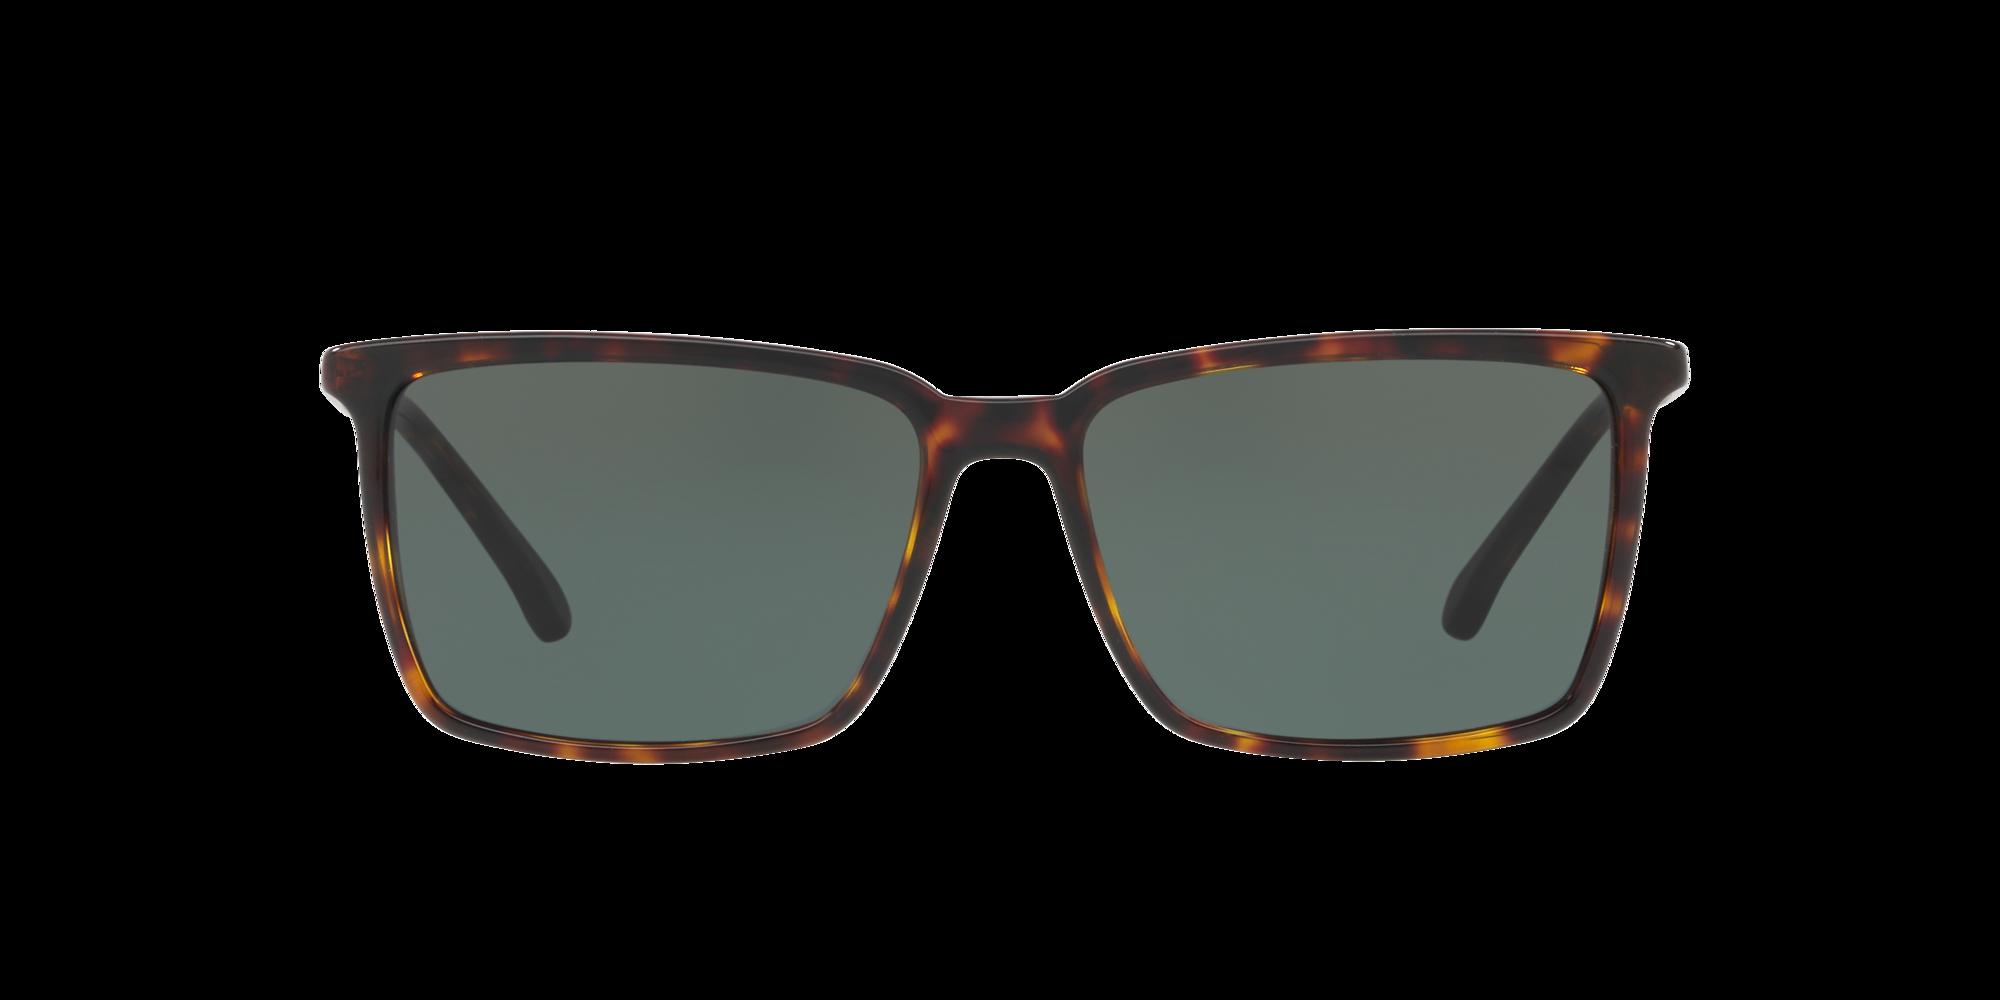 Imagen para BB5038S 58 de LensCrafters |  Espejuelos, espejuelos graduados en línea, gafas